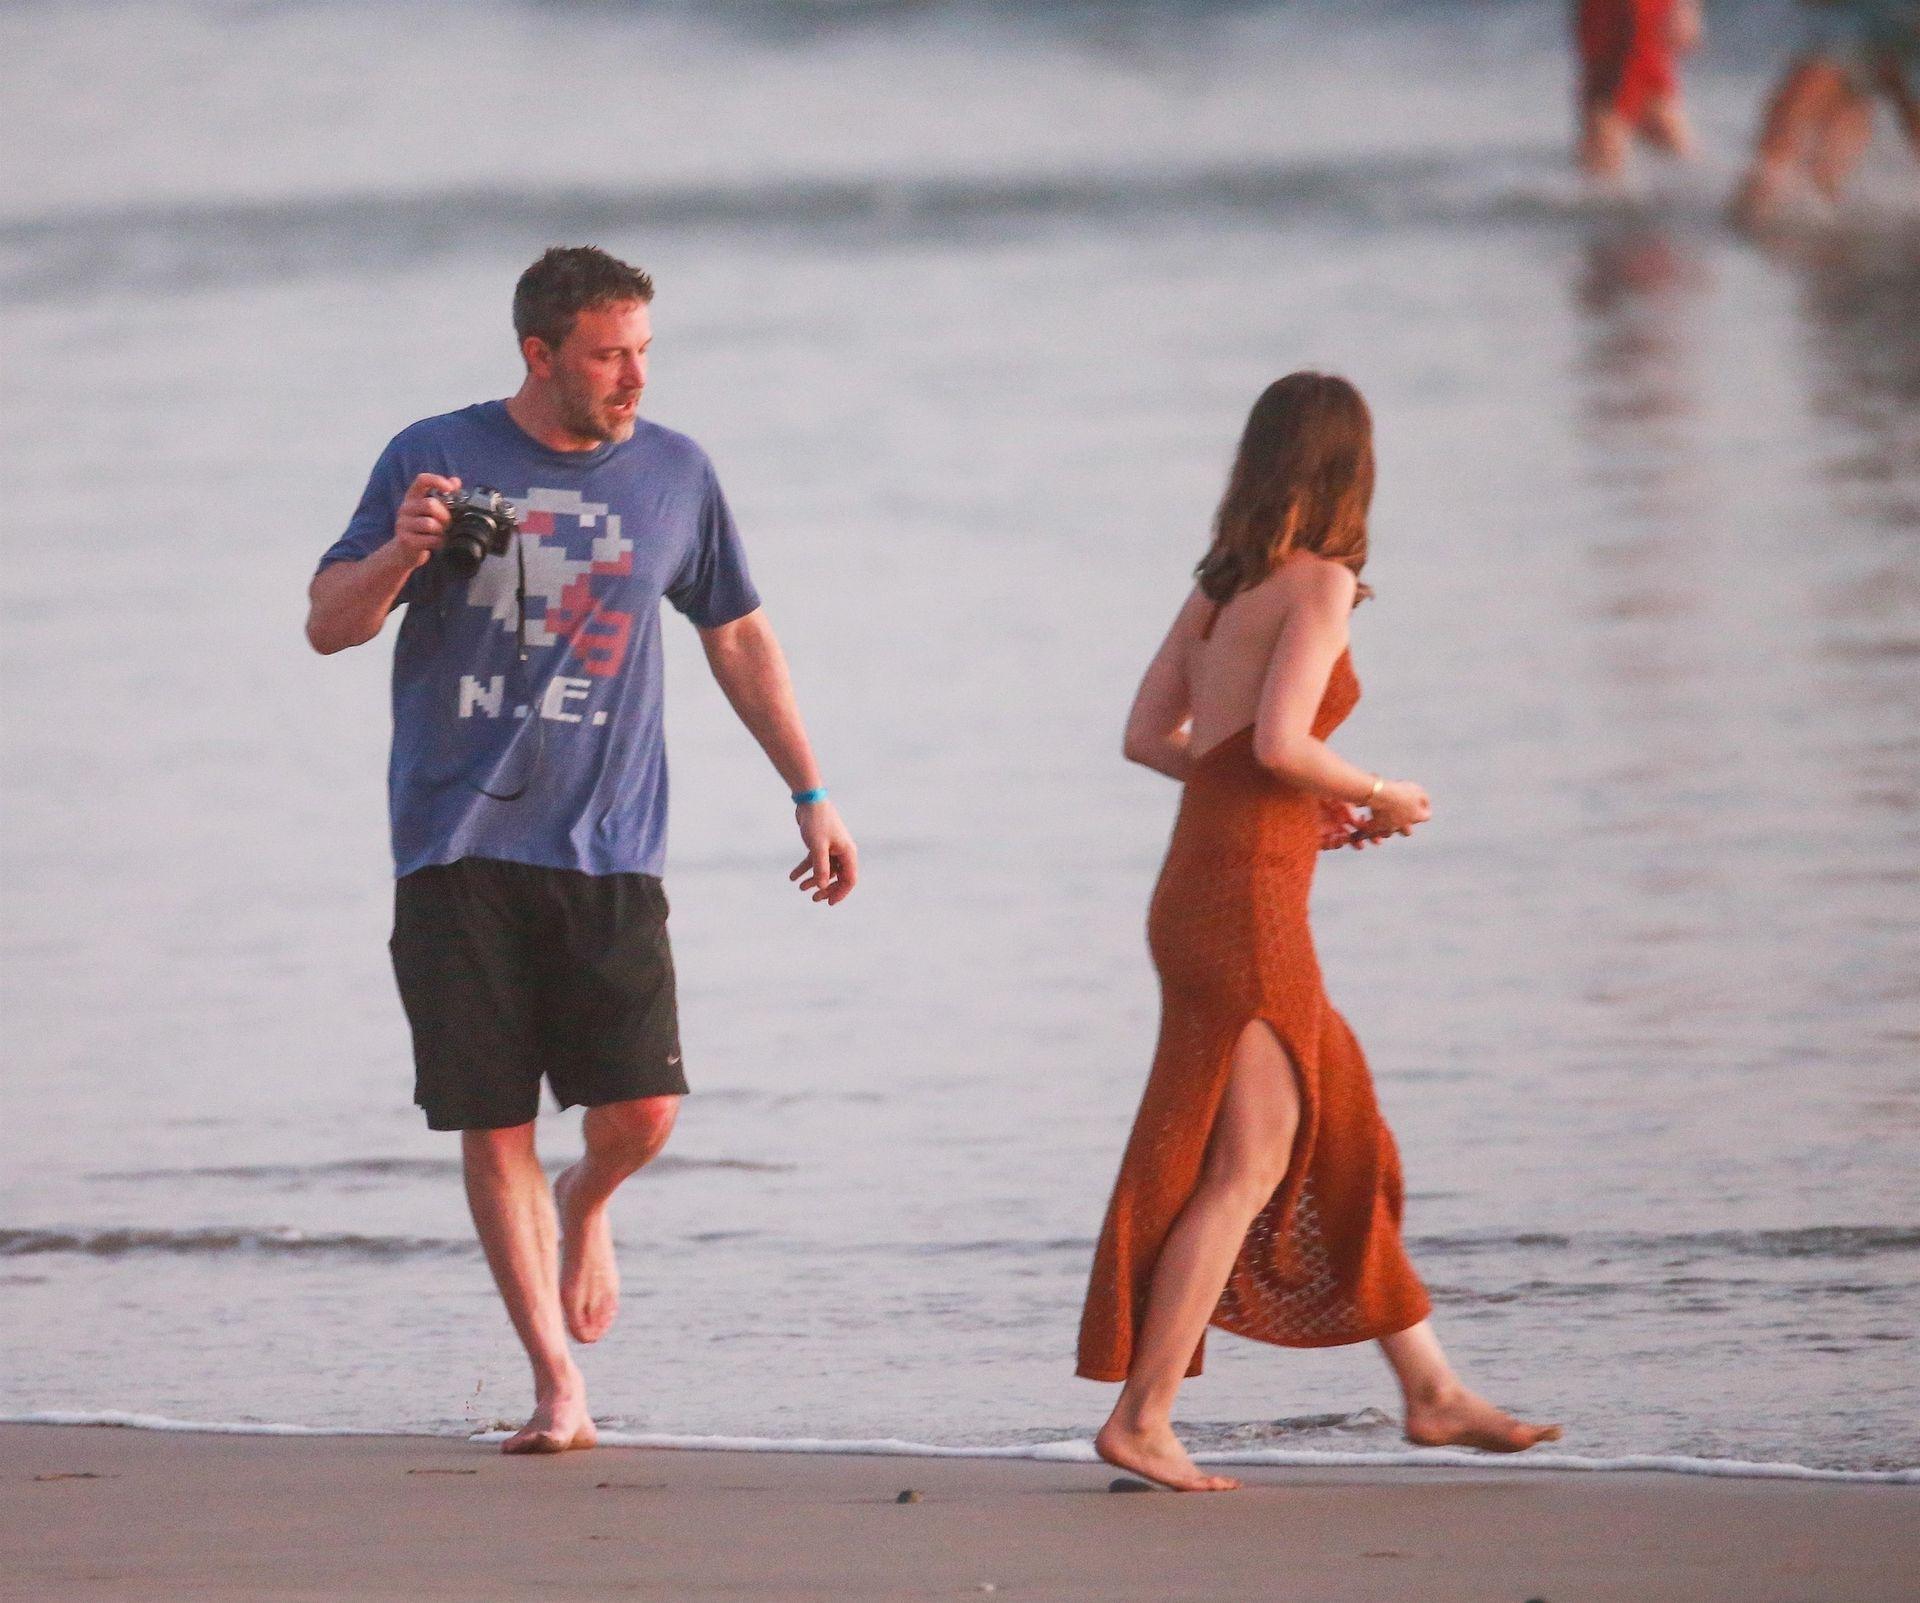 Ben Affleck & Ana De Armas Enjoy A Pda Moment During Romantic Beach Stroll In Costa Rica 0037